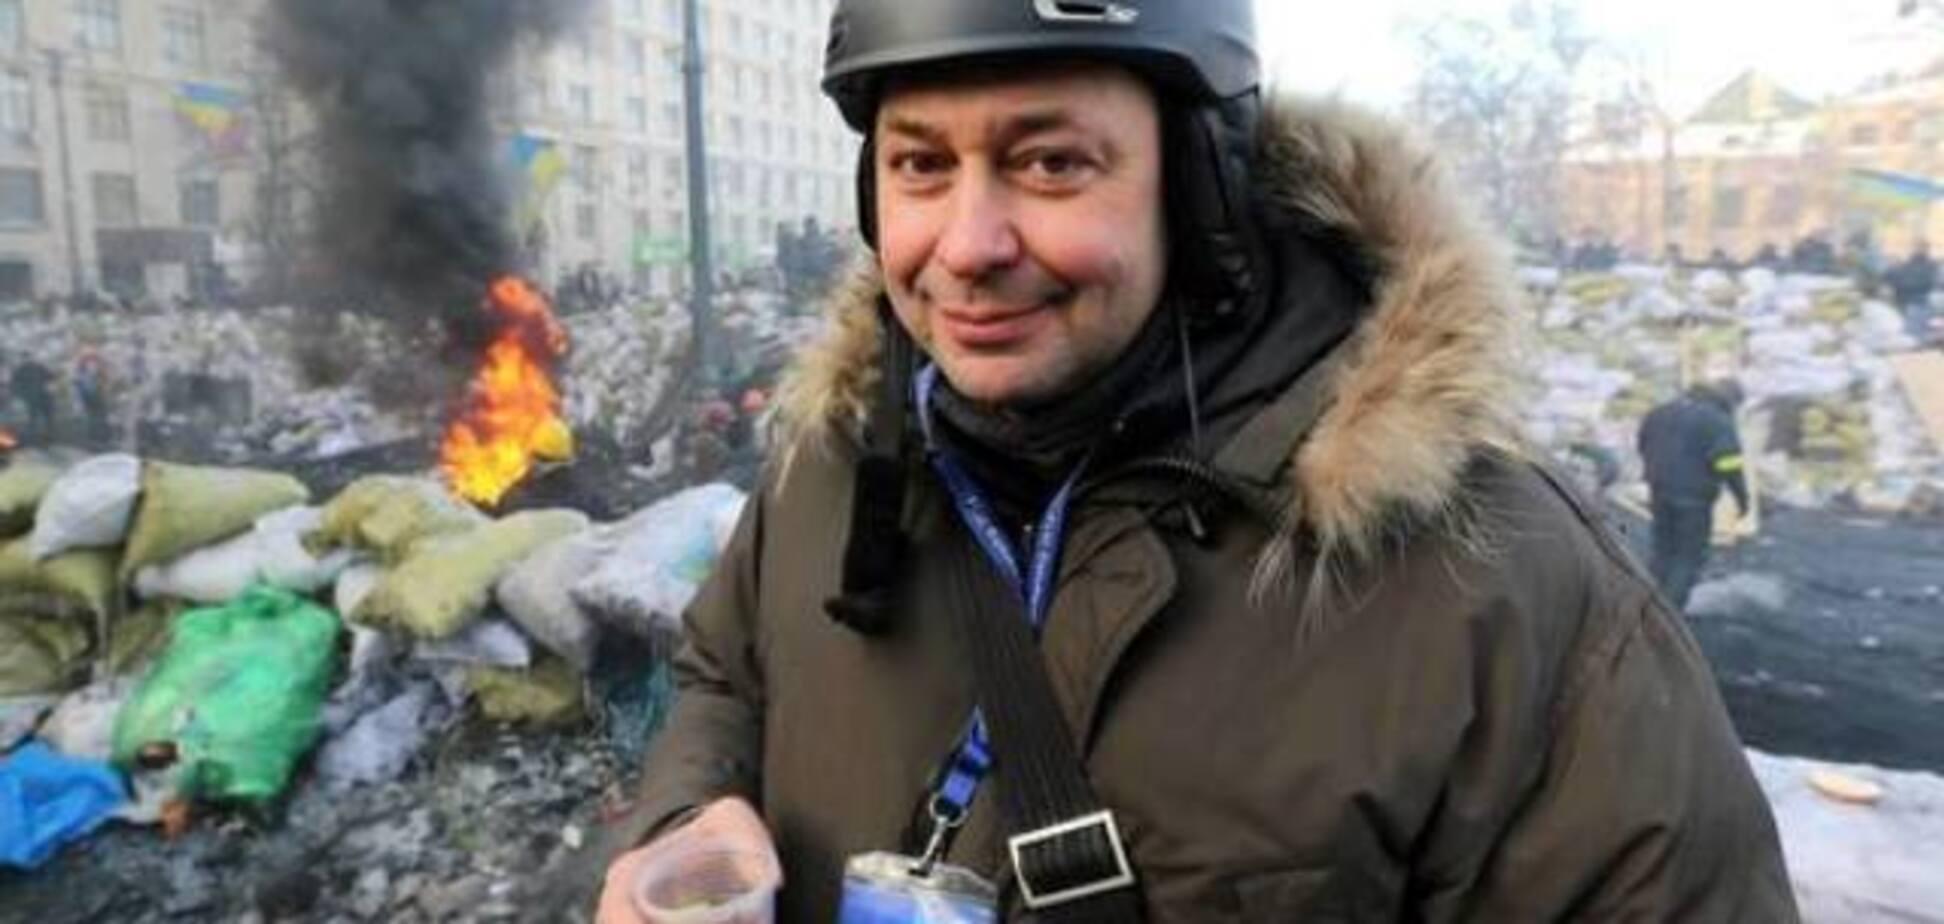 Государственная измена: СБУ объявила о подозрении пропагандисту Вышинскому